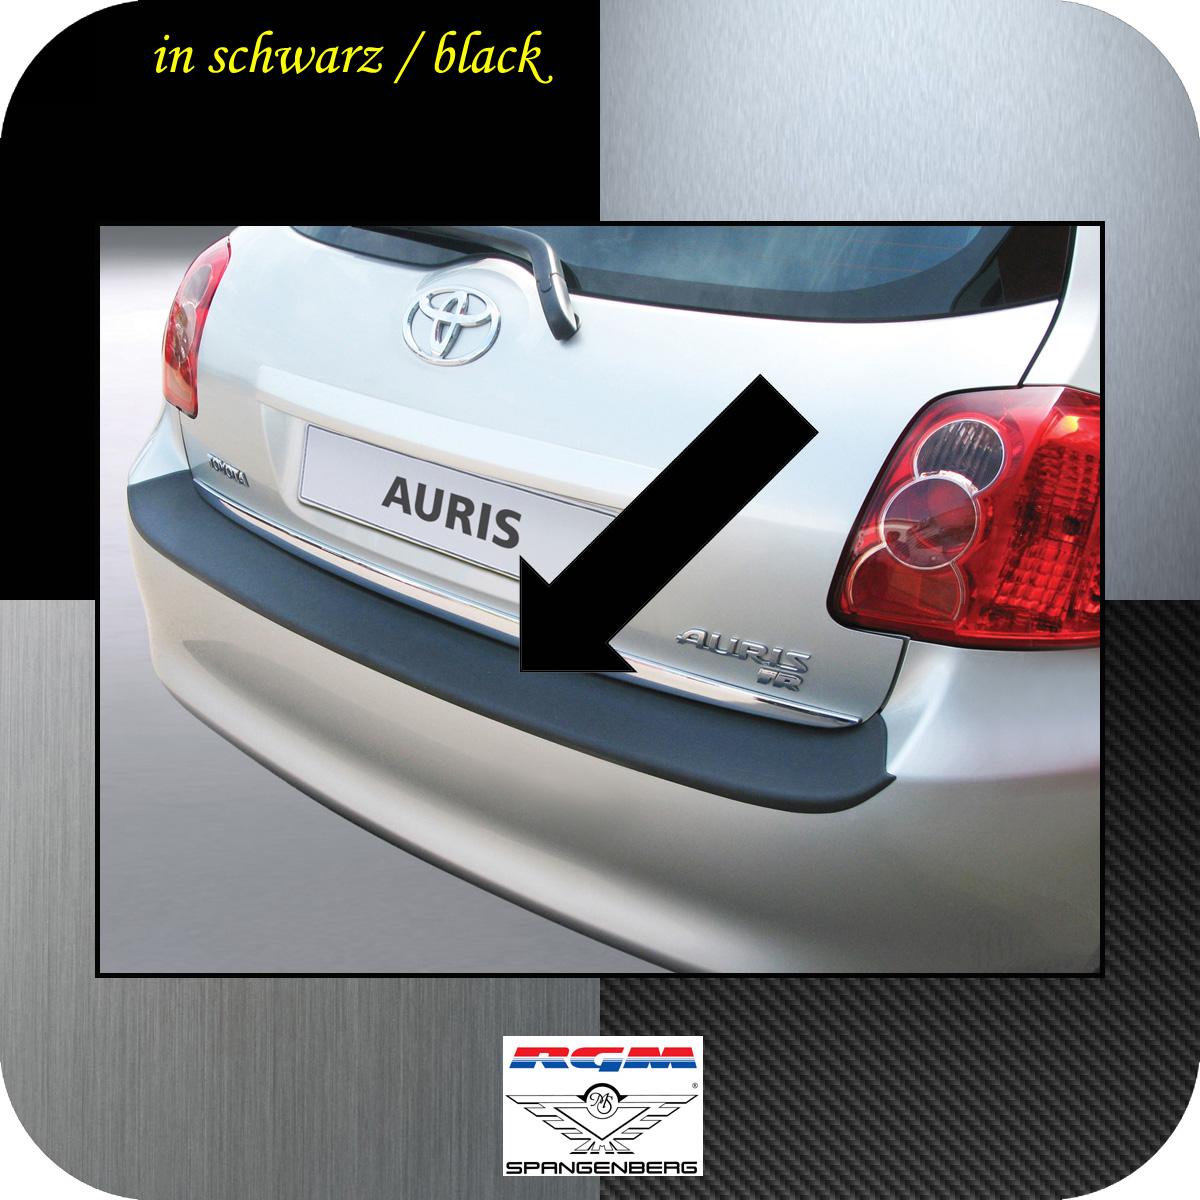 Ladekantenschutz schwarz Toyota Auris I Schrägheck vor Mopf 2006-10 3500264